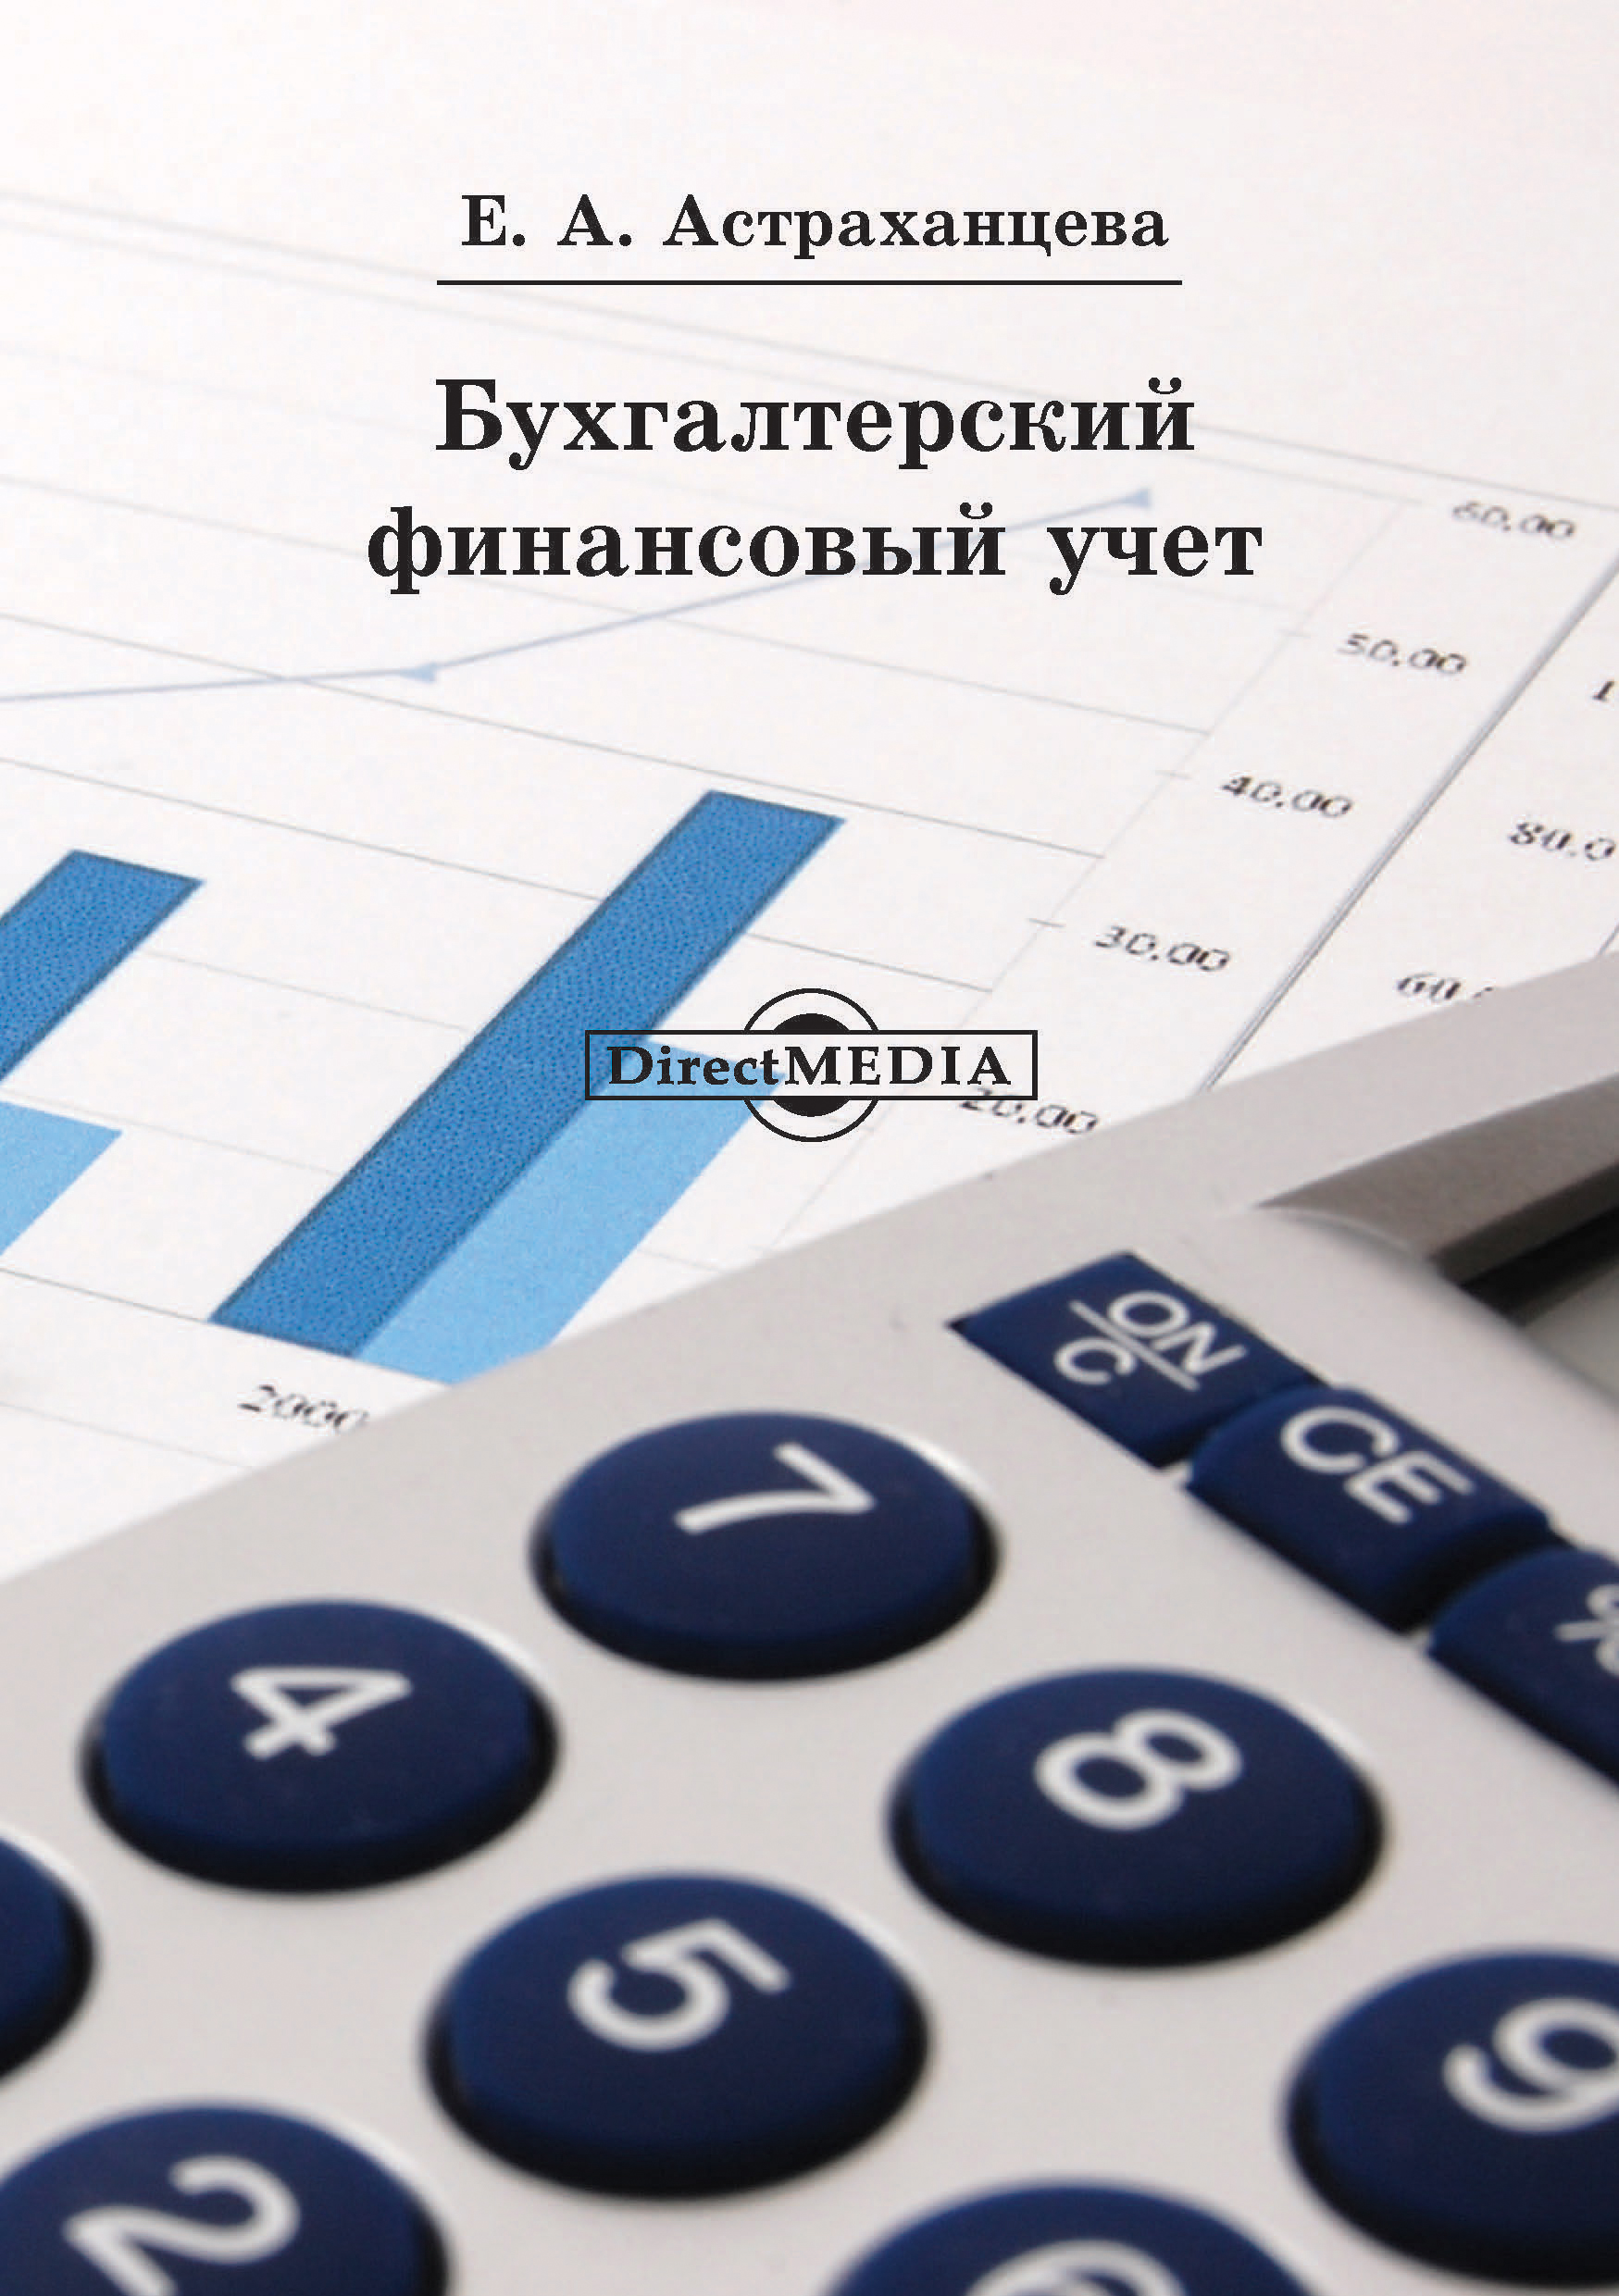 Елена Астраханцева Бухгалтерский финансовый учет елена астраханцева бухгалтерский финансовый учет